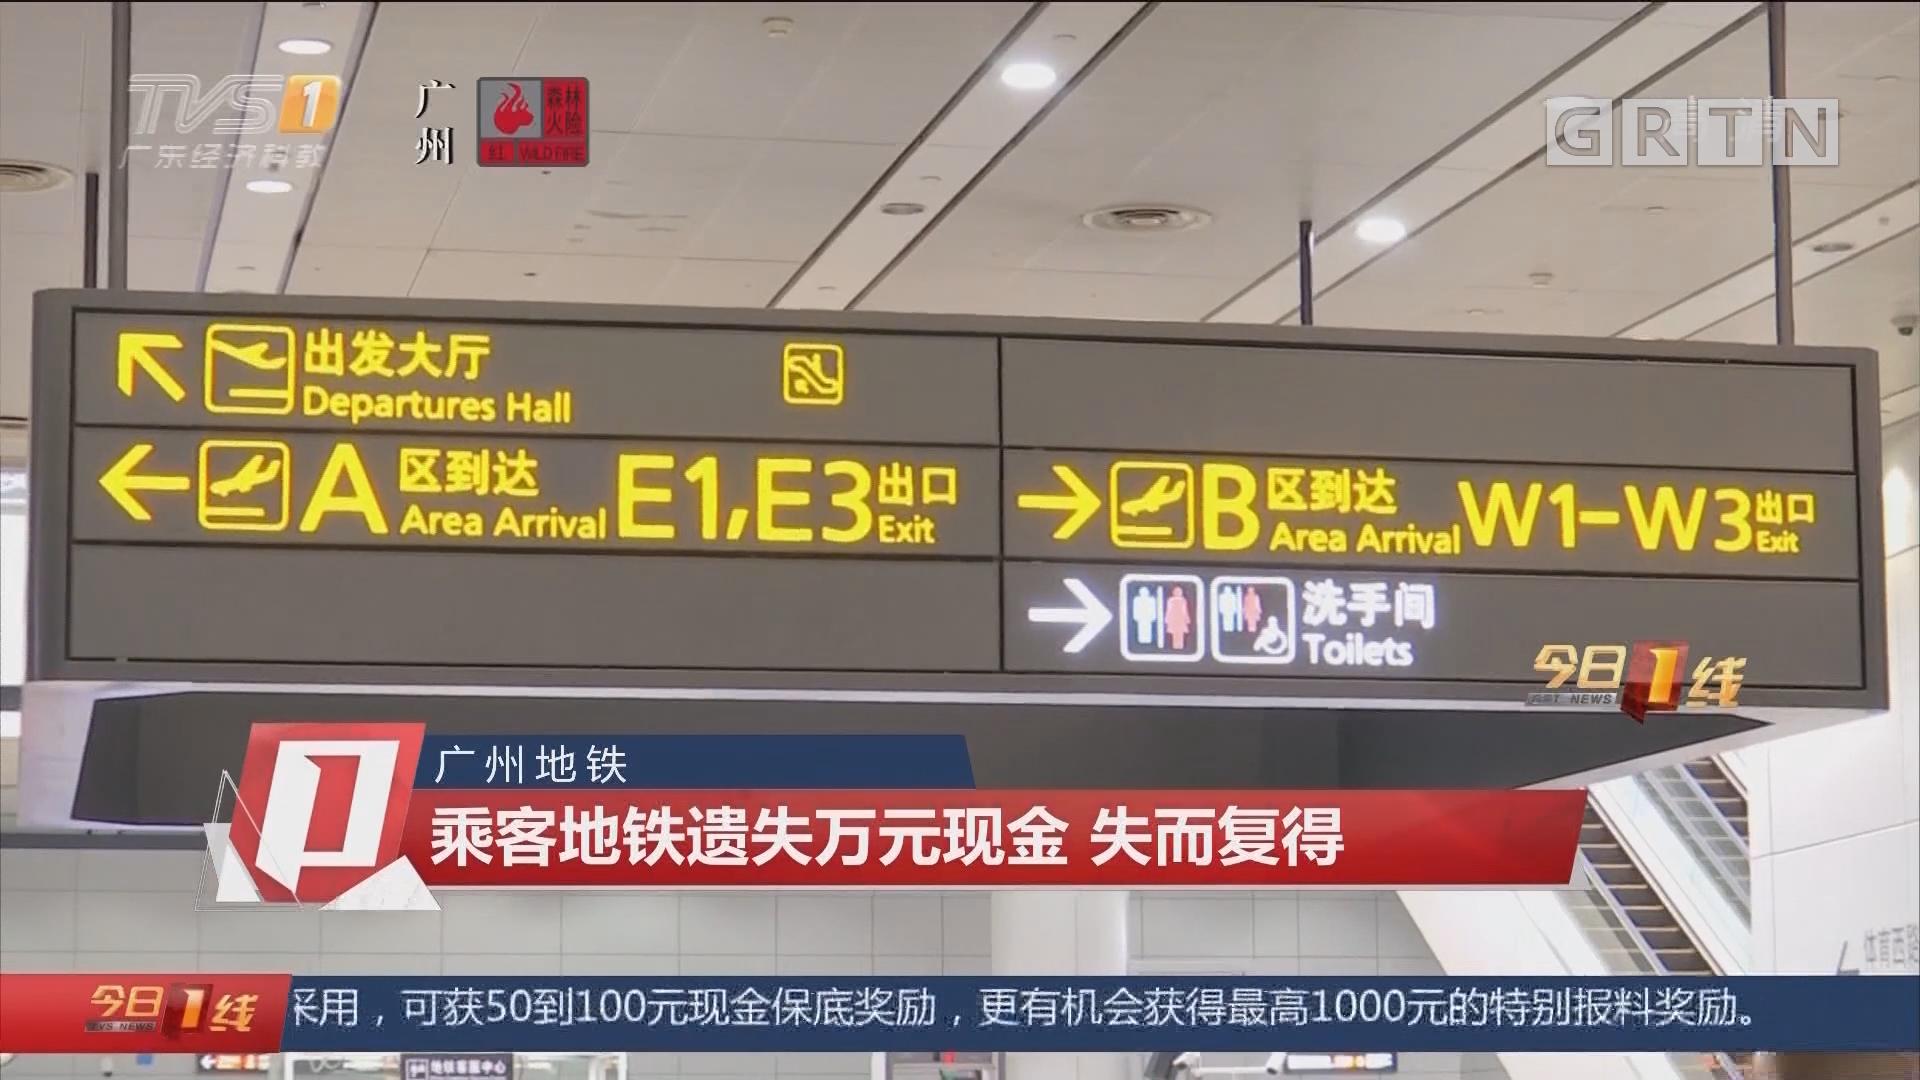 广州地铁:乘客地铁遗失万元现金 失而复得